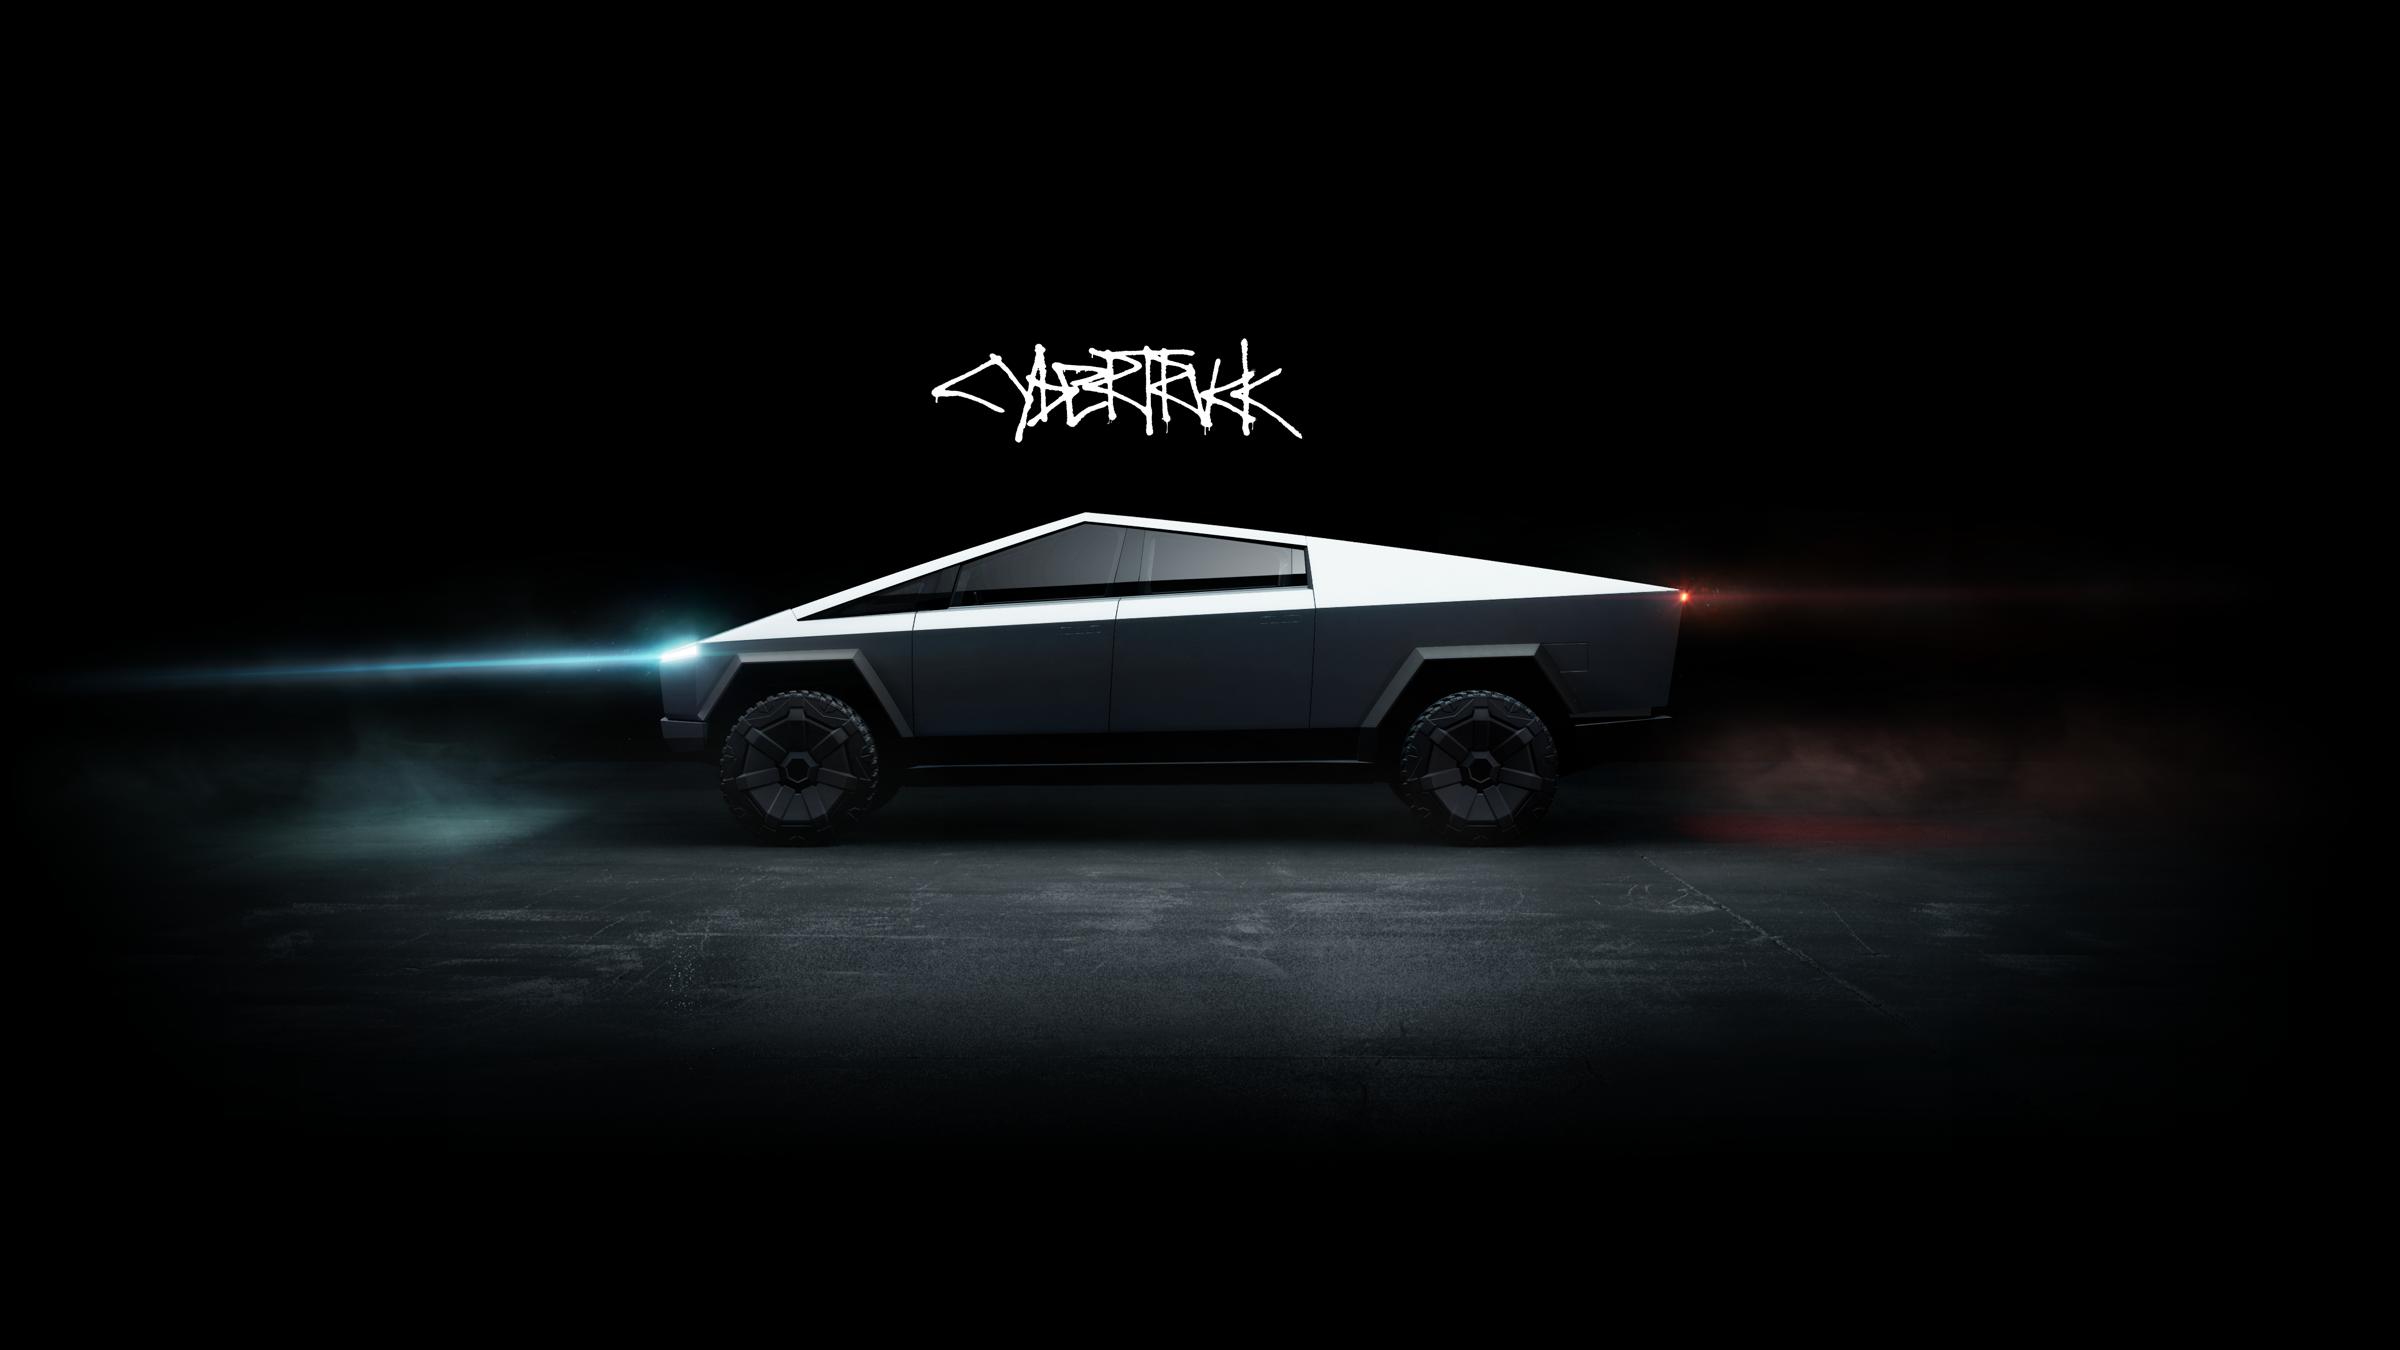 Tesla Cybertruck (CYBRTRK) Revealed - Watch the Tesla ...